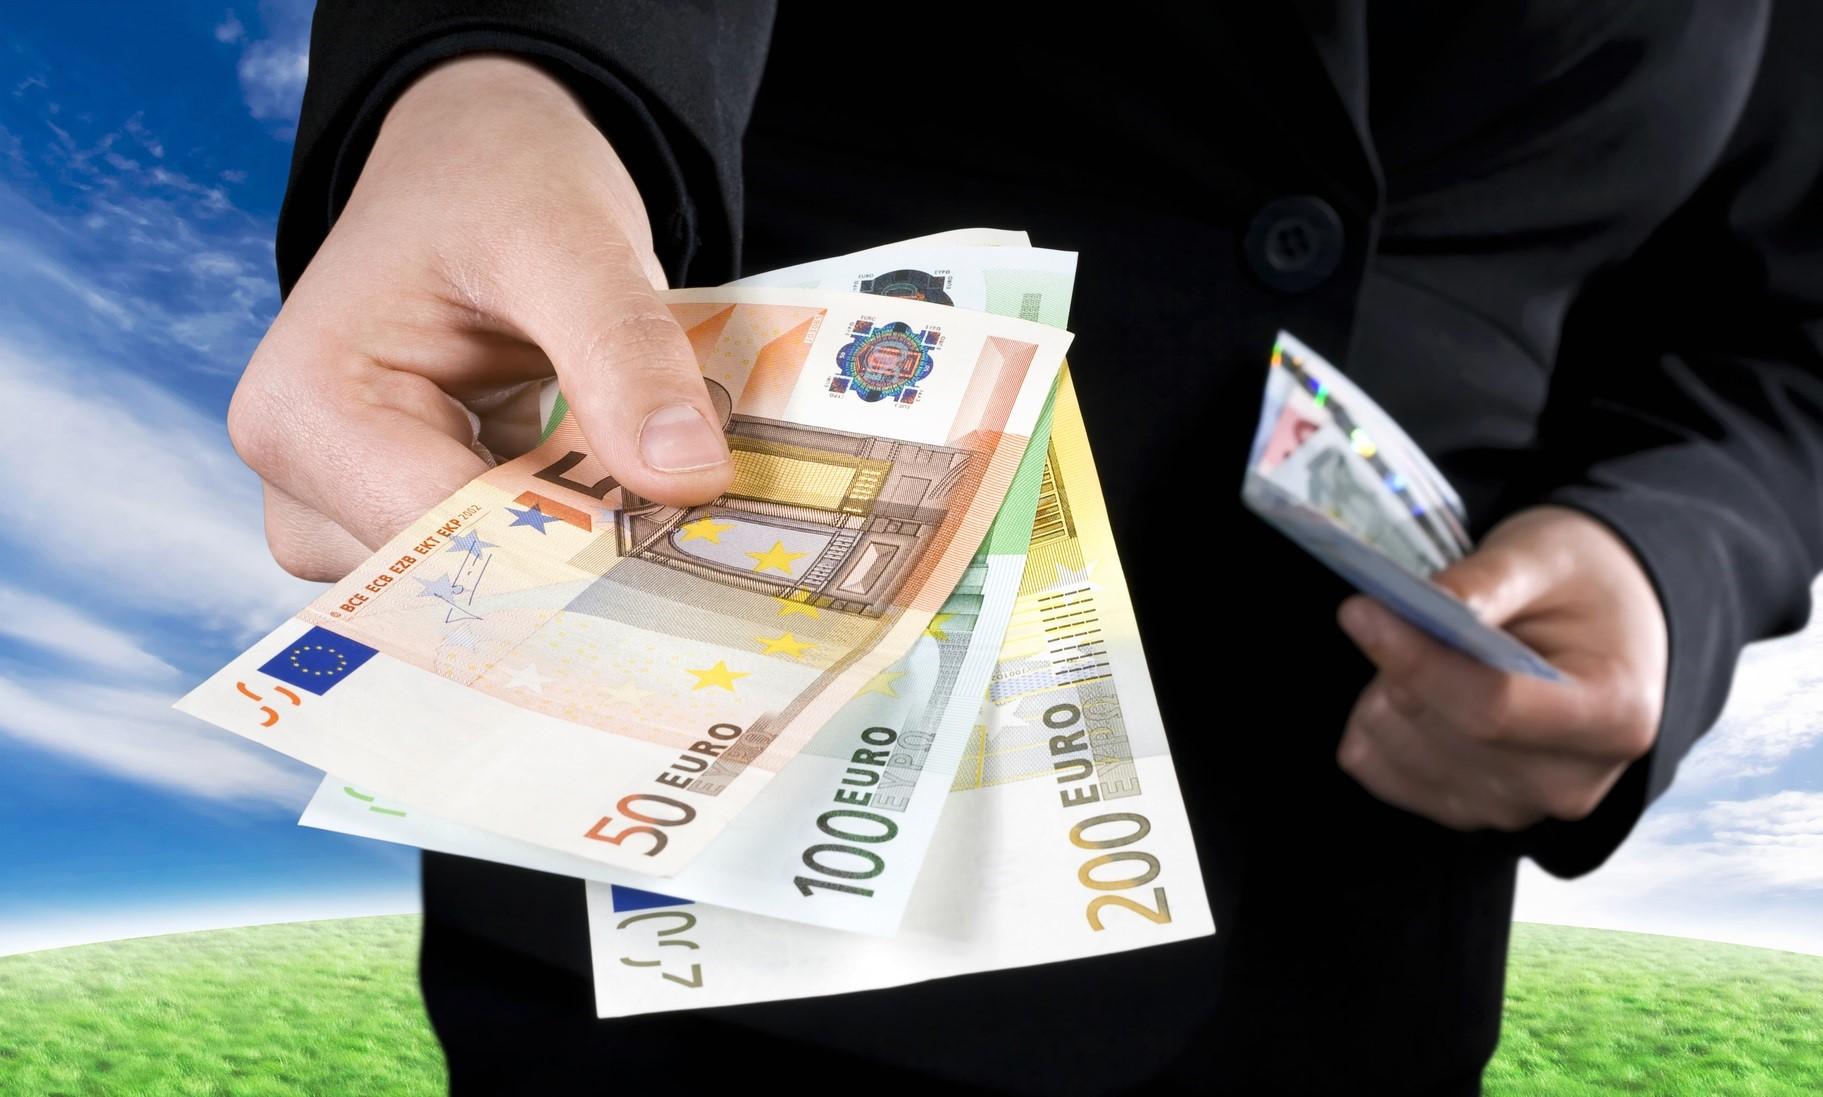 Бесплатная помощь деньгами от частных лиц